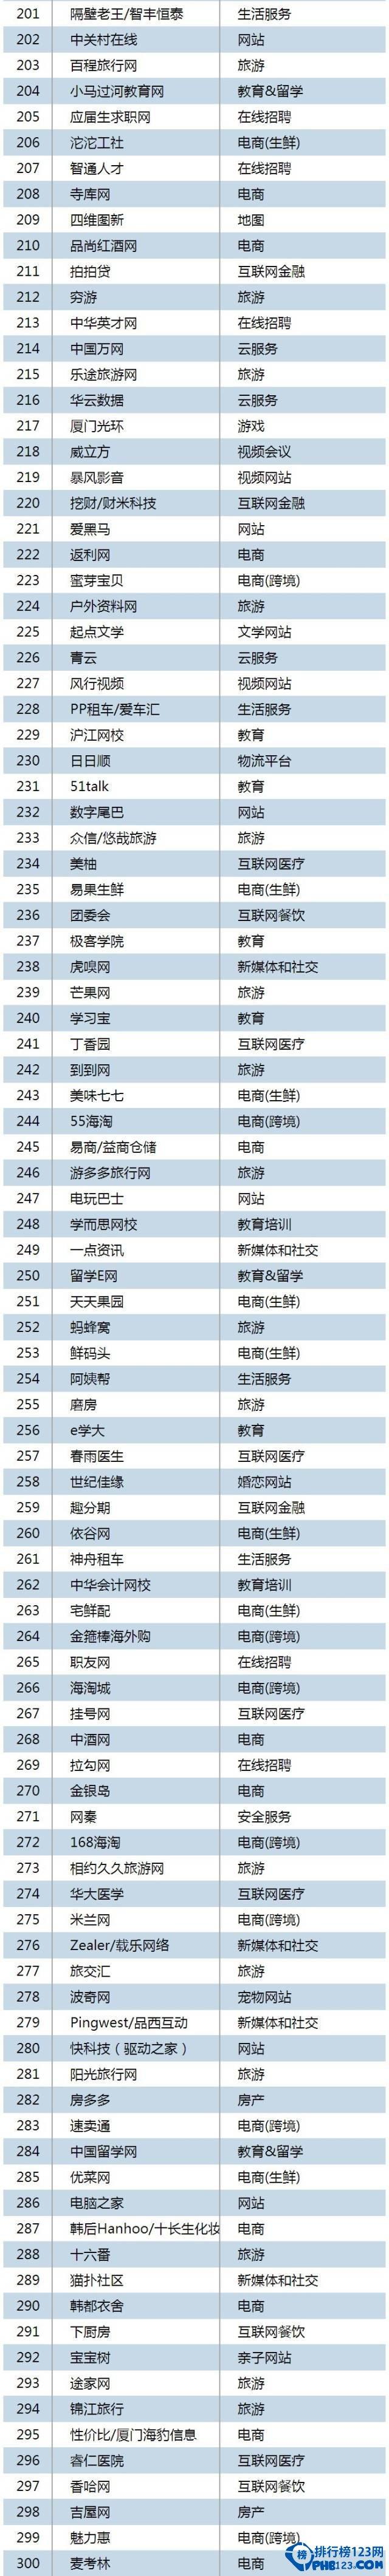 中国互联网公司500强排名2015